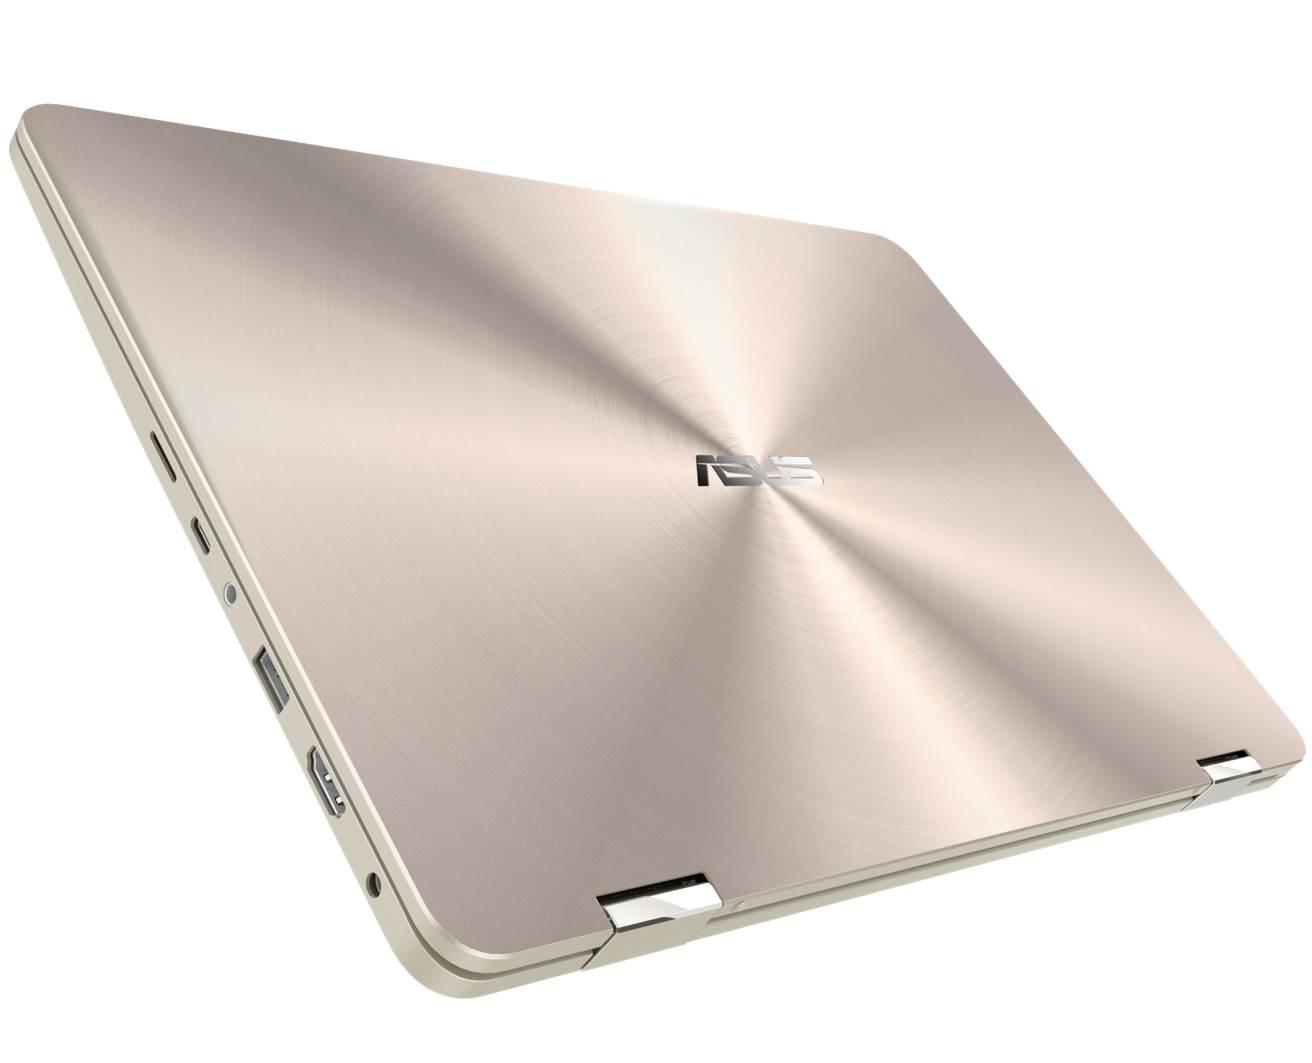 ZenBook Flip 變型筆電 / 華碩電腦股份有限公司